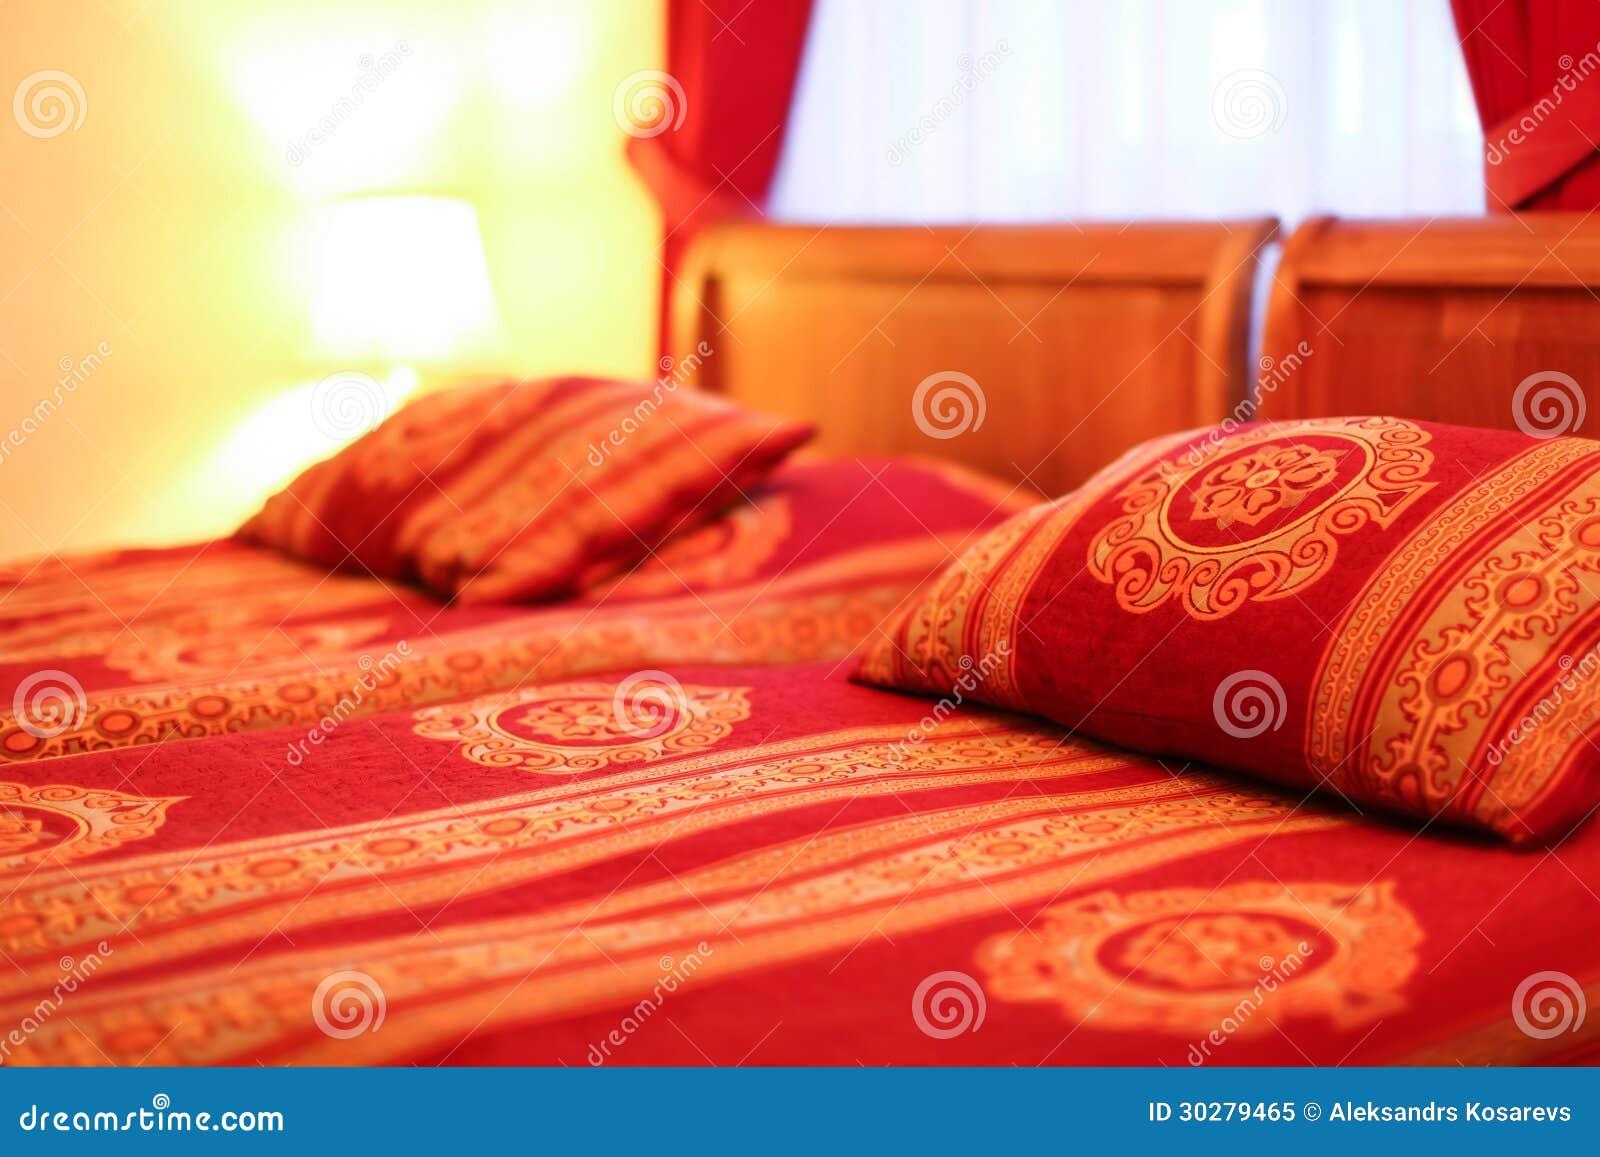 枕头和双人床在现代旅馆内部